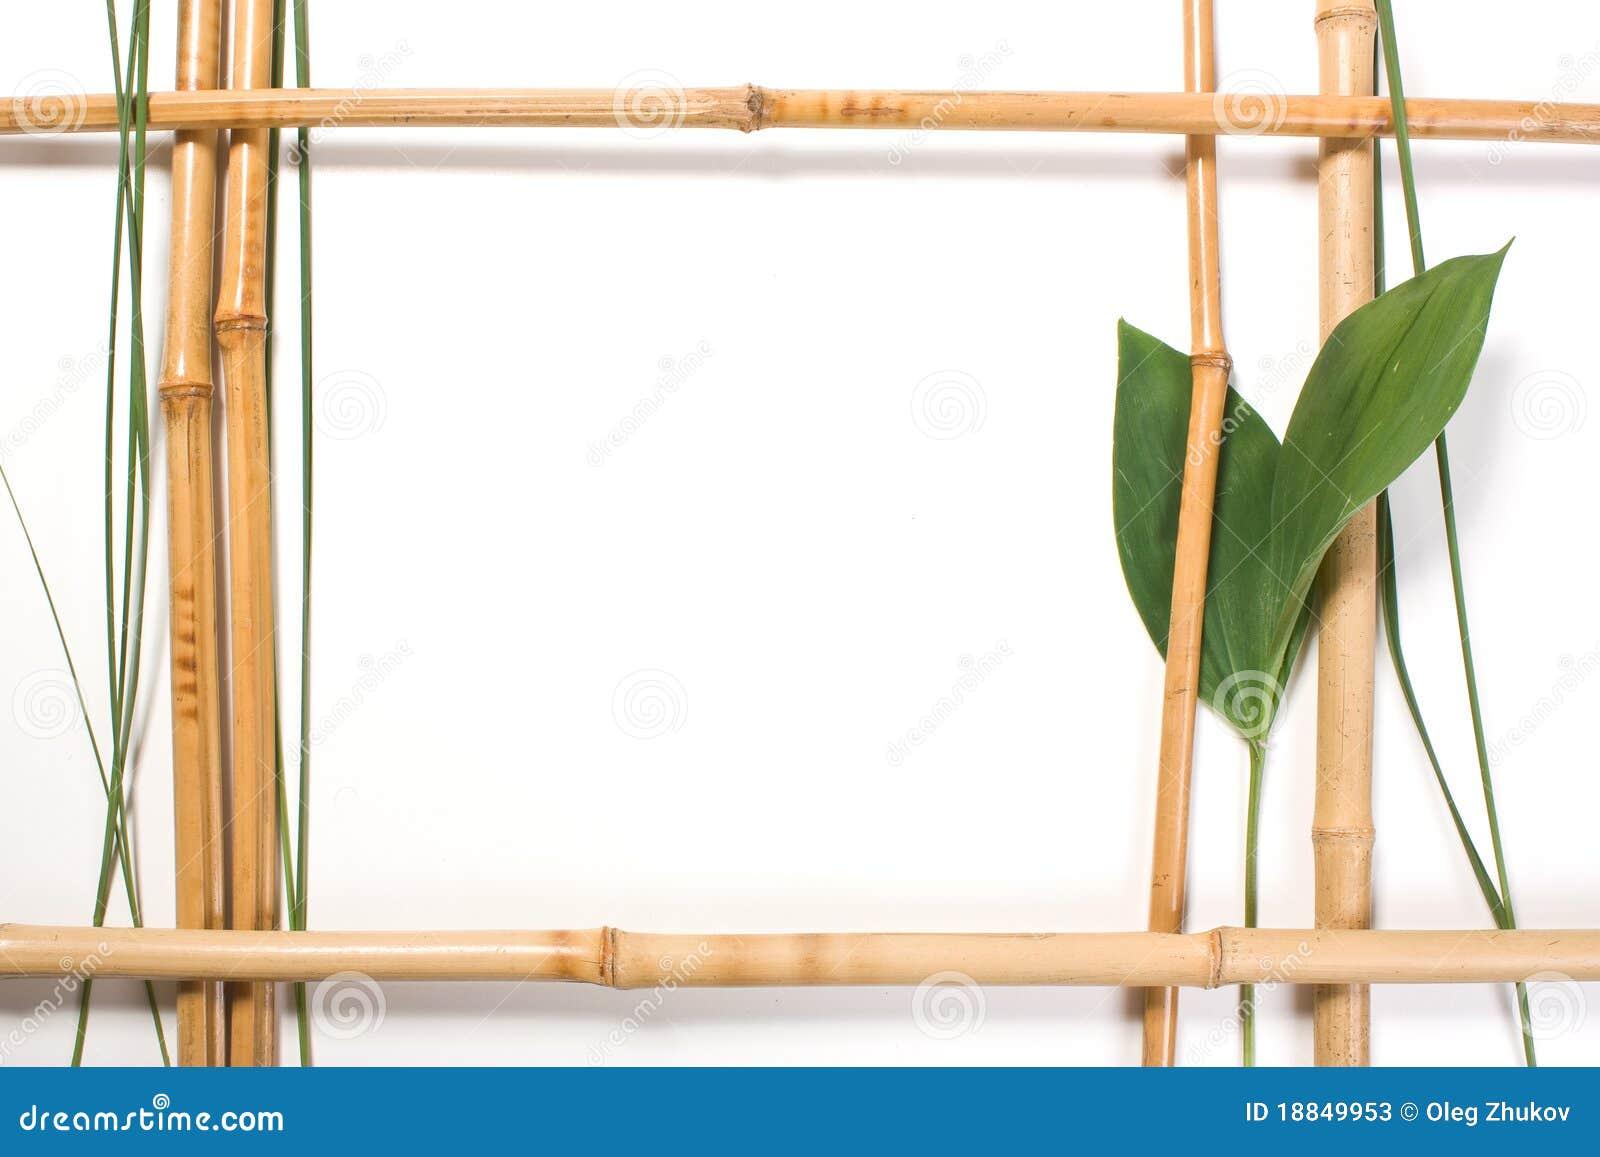 Cap tulo para los cuadros del bamb imagen de archivo - Imagenes para cuadros ...